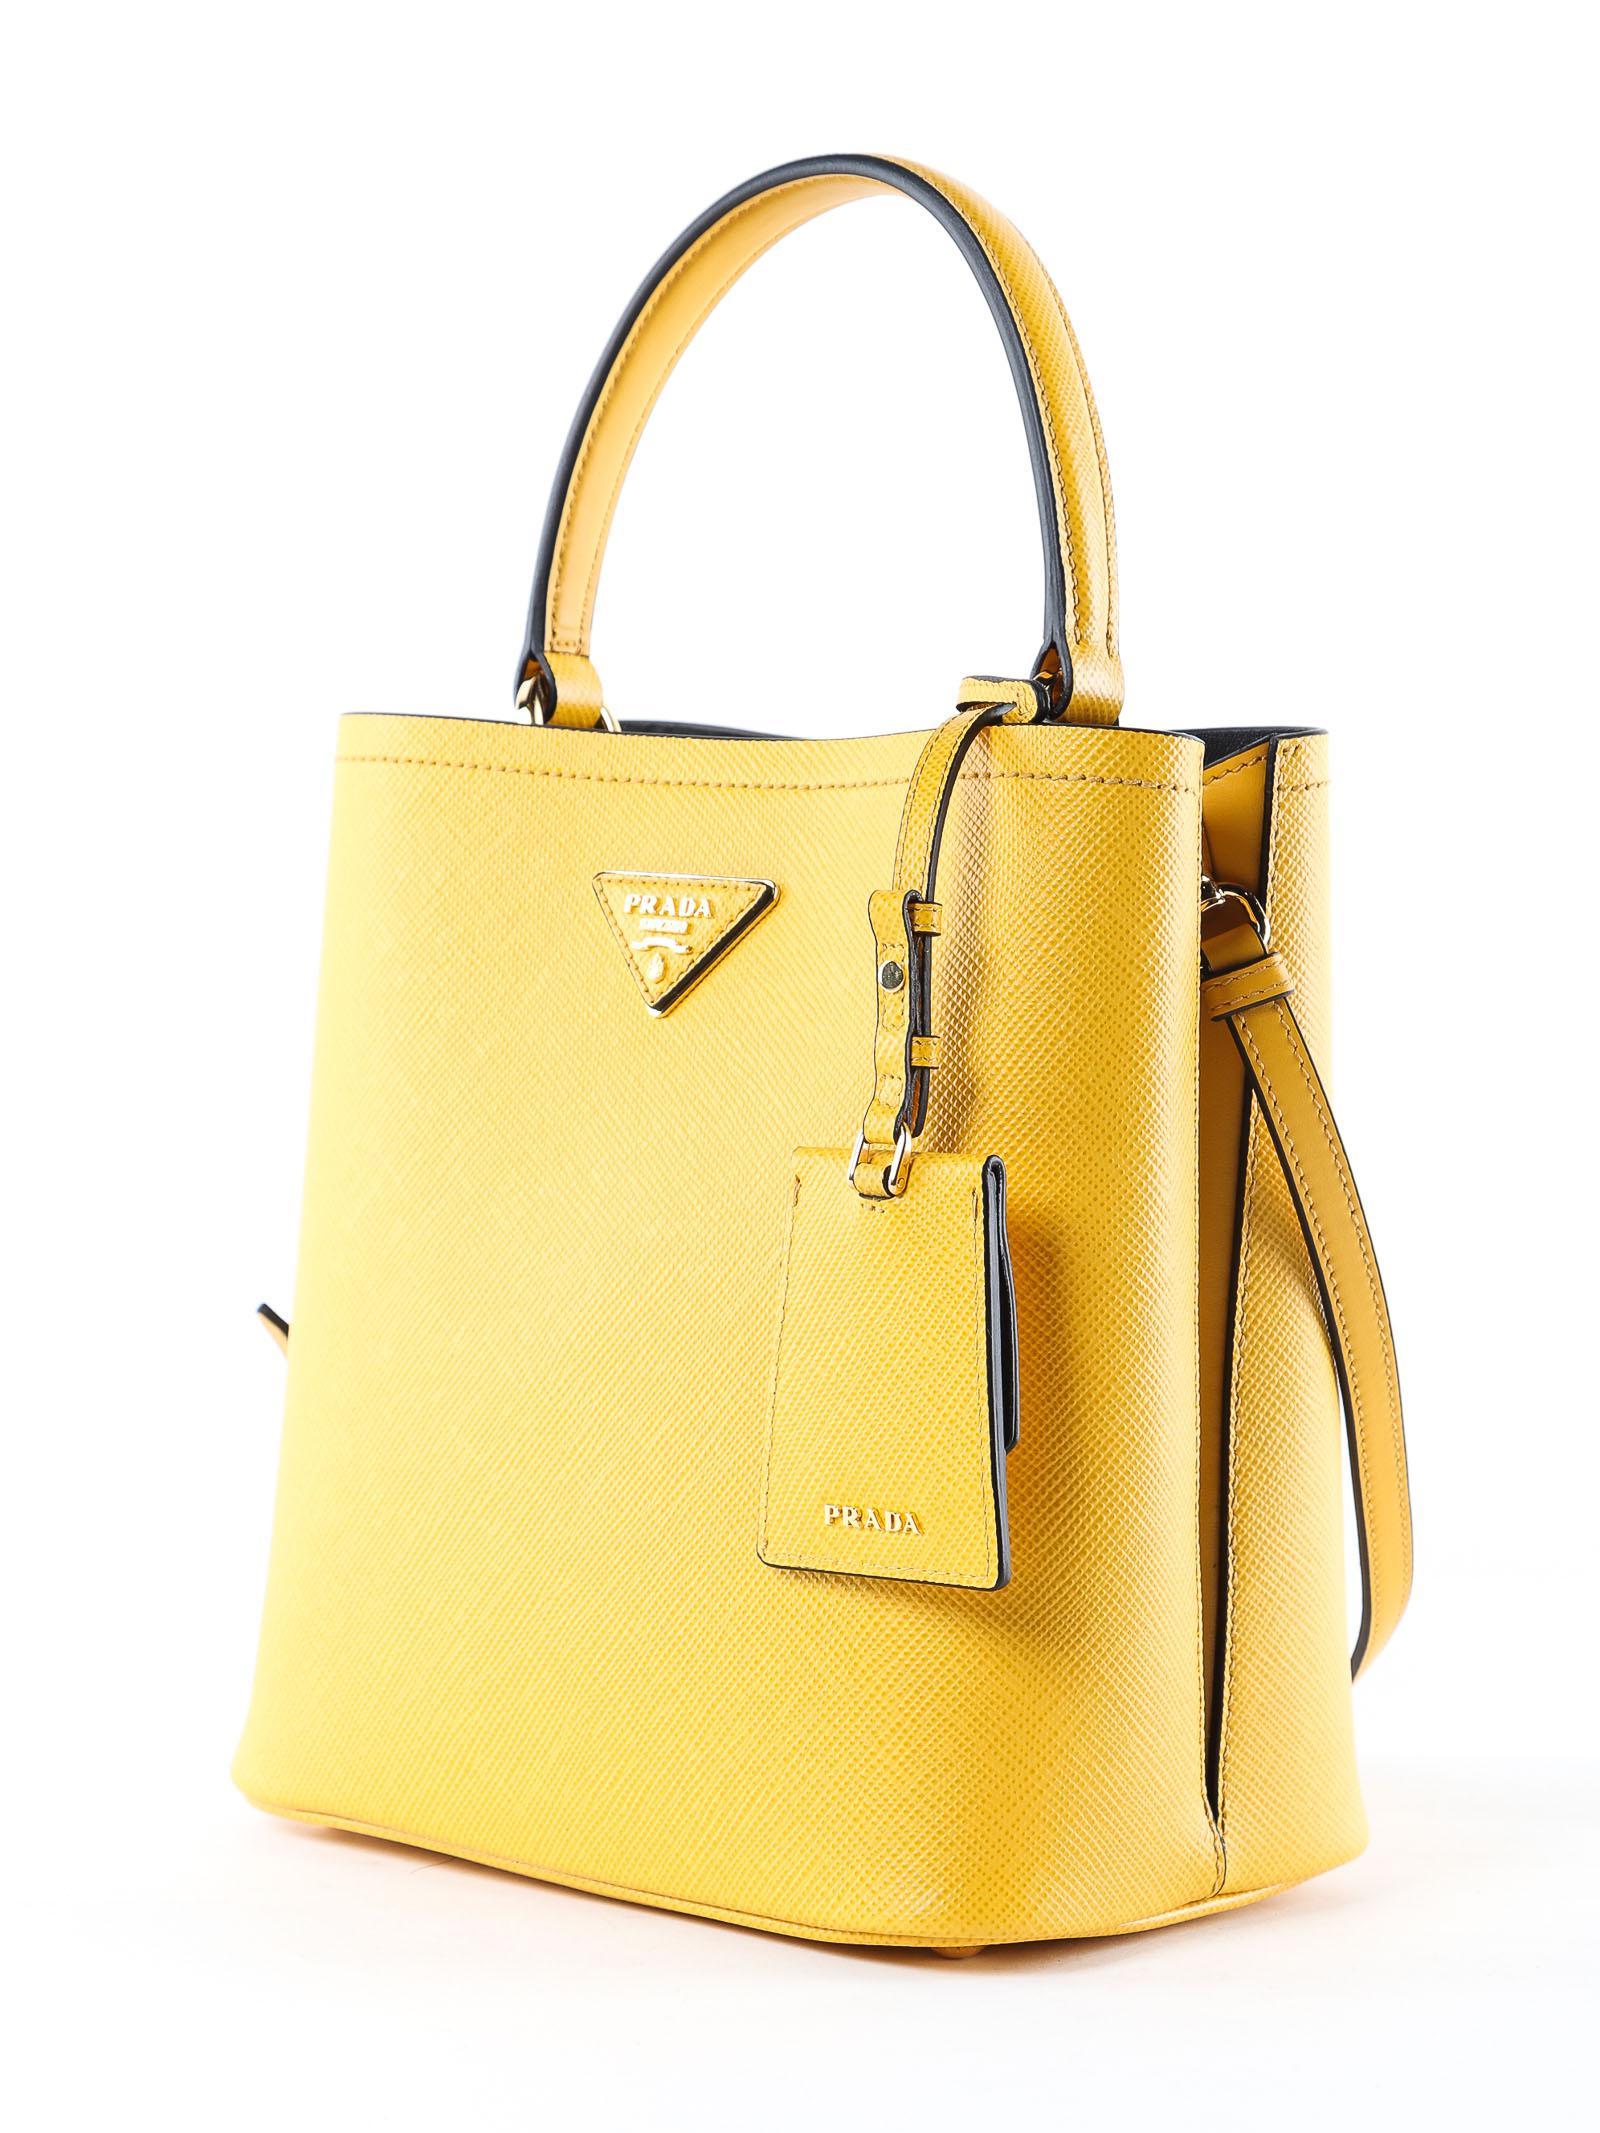 d0ba371a9e36 Prada Handbag Saffiano+city Calf in Yellow - Lyst